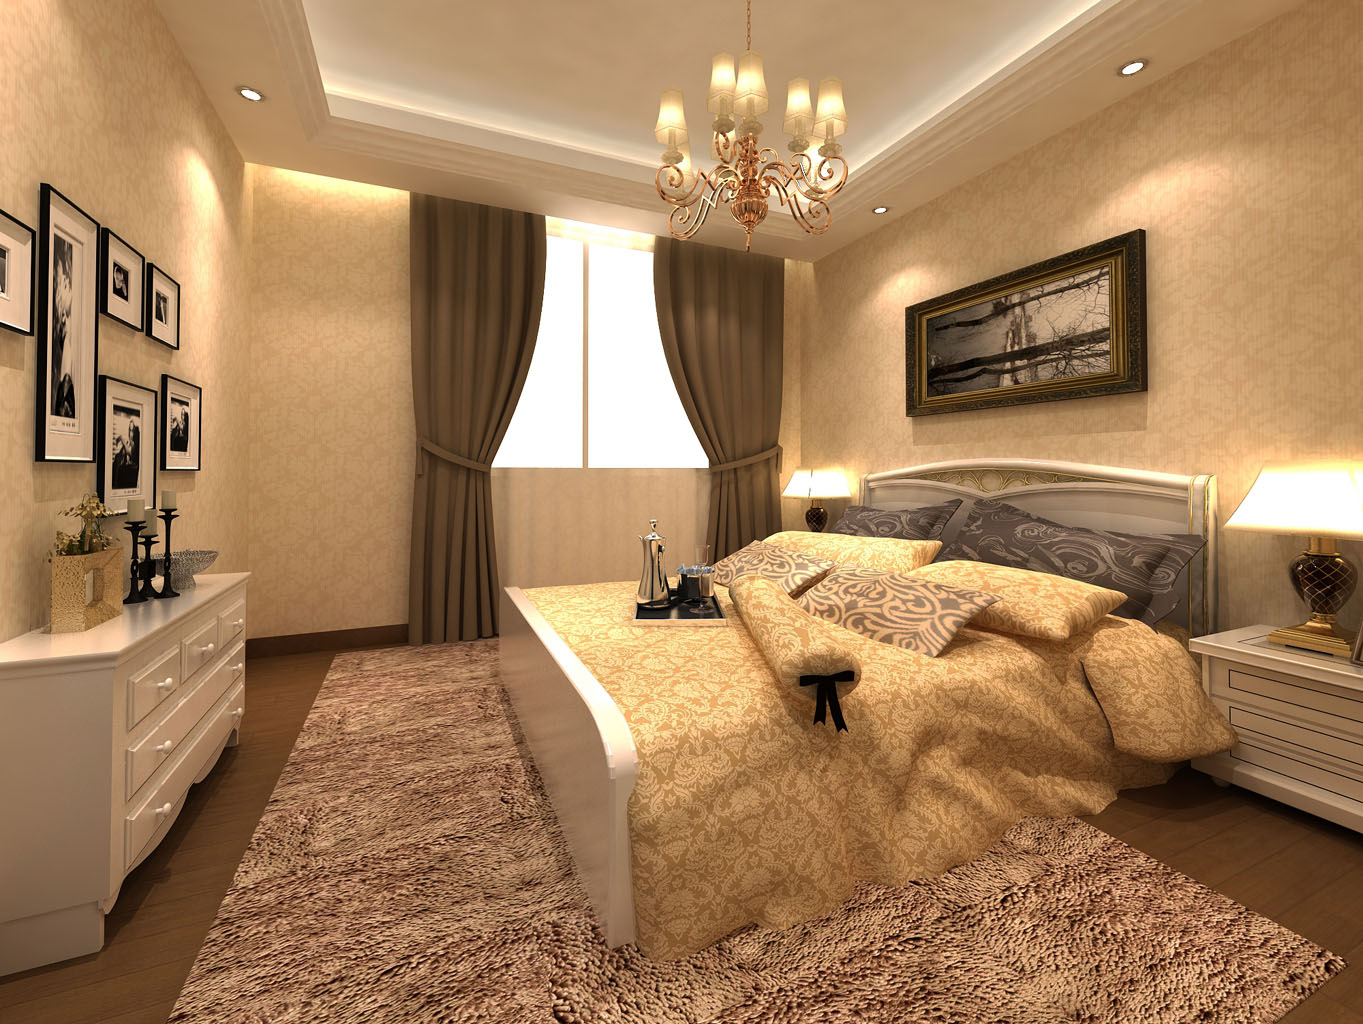 三居 欧式 可逸江畔 145平米 新房装修 卧室图片来自传承正能量在31.9万的简约时尚的温馨家庭的分享